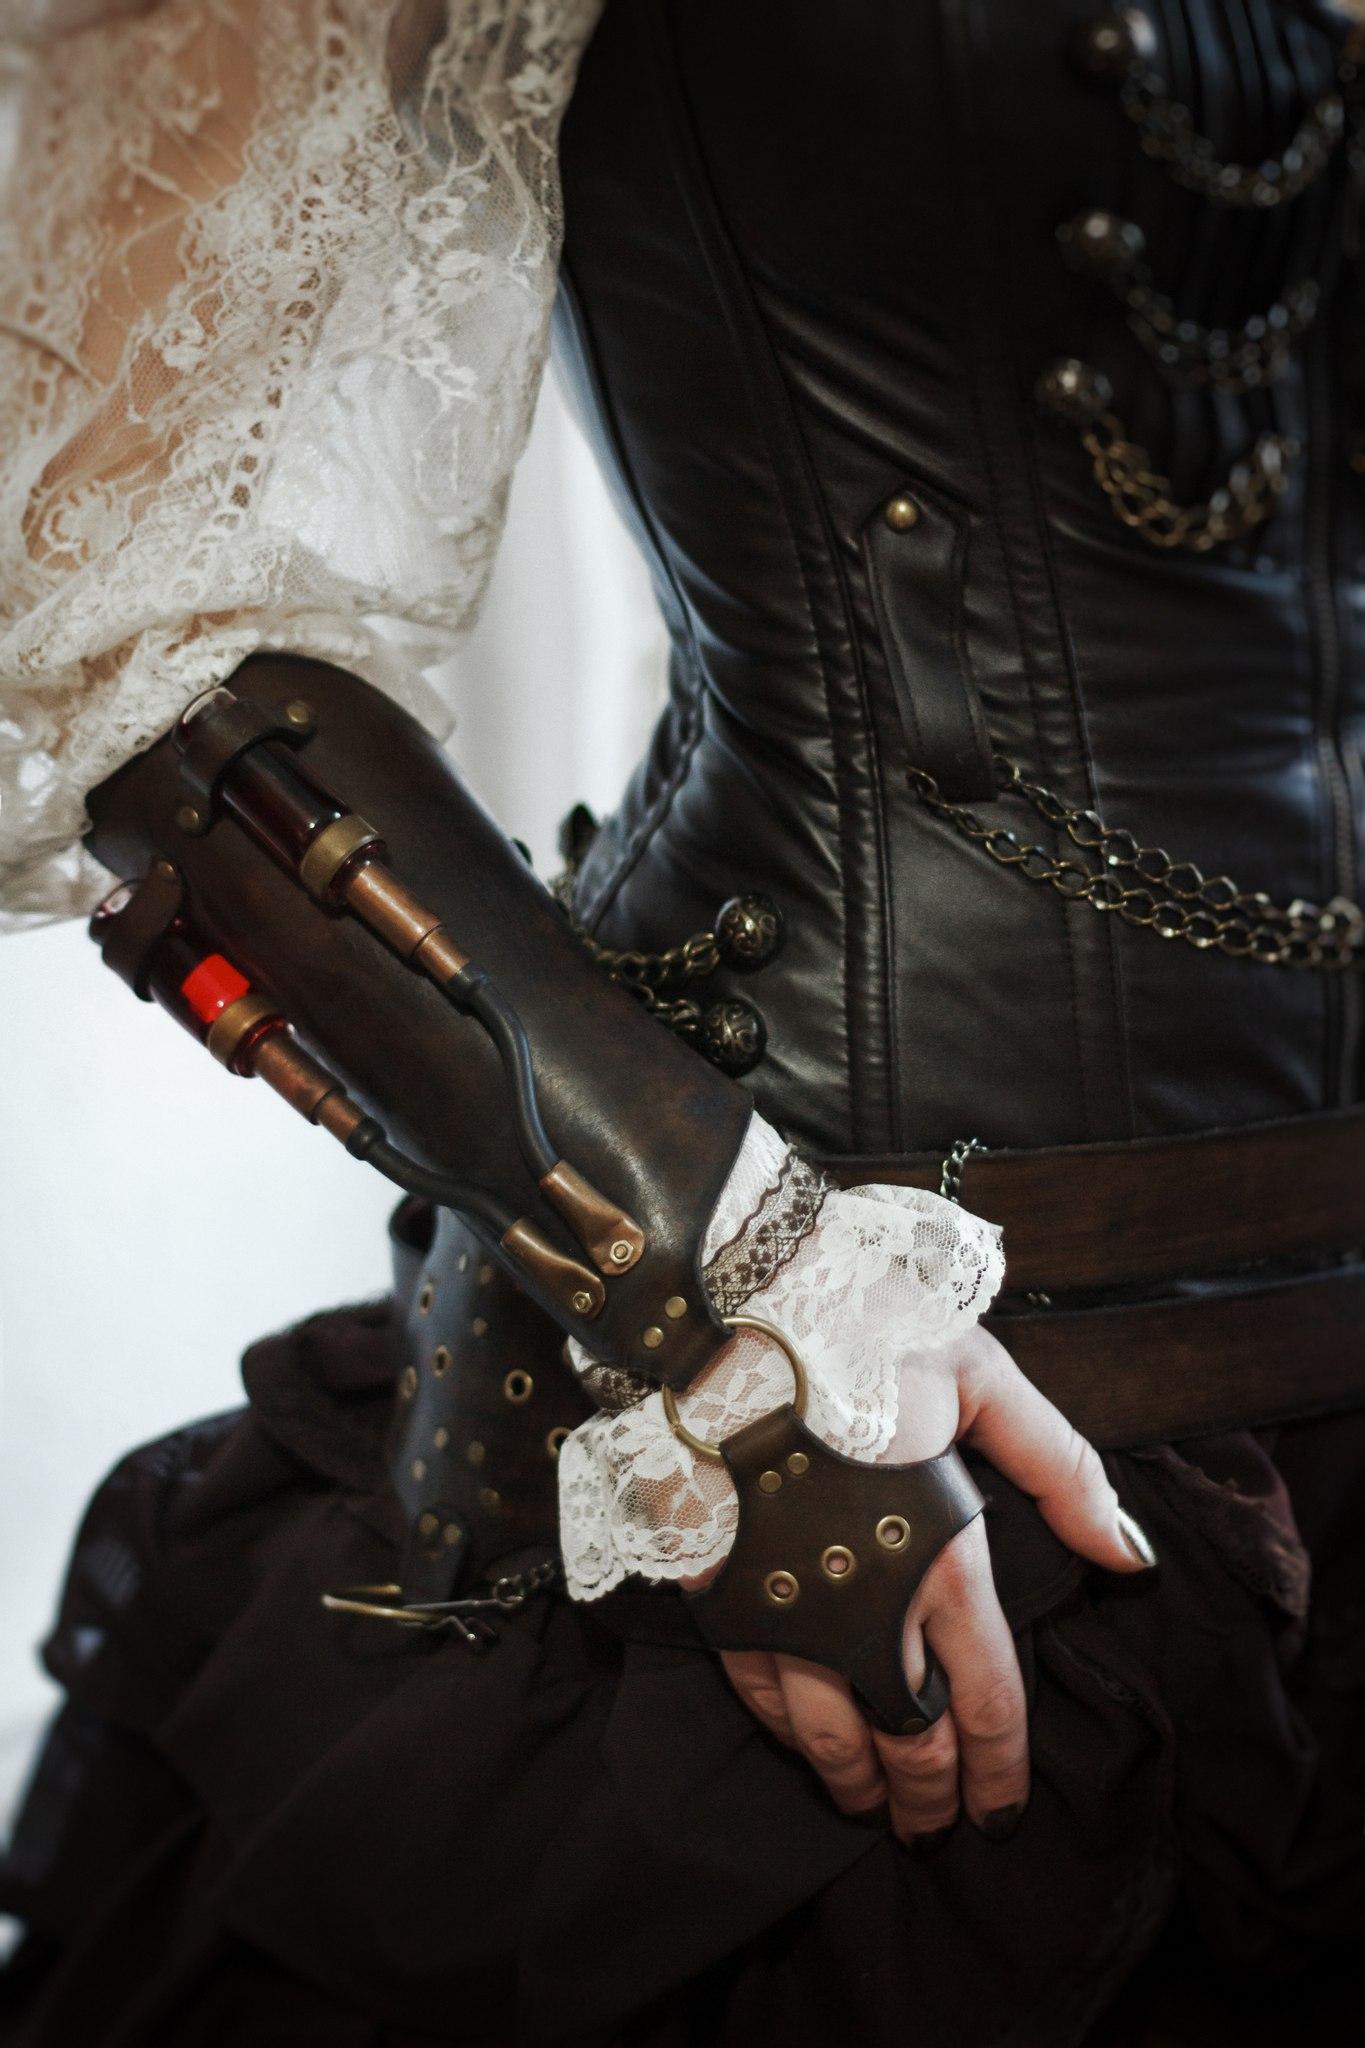 стимпанк наруч высокий с двумя алхимическими склянками с накладкой на кисть